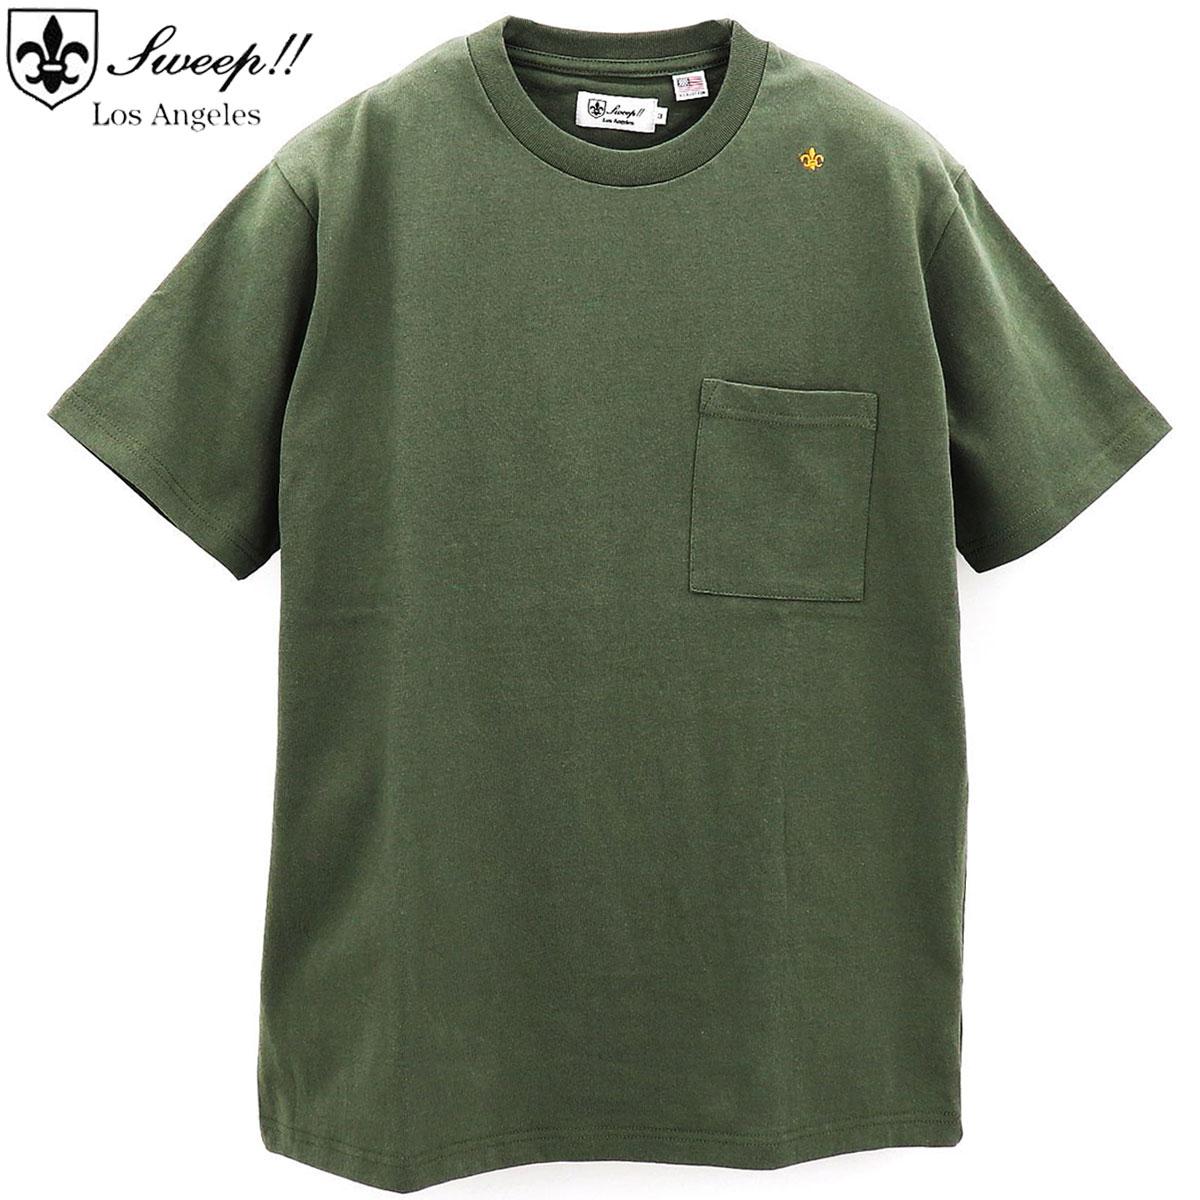 スウィープ ロサンゼルス Sweep!! LosAngeles メンズ USAコットン クルーネック 半袖 Tシャツ USA COTTON-T / SL160004 SWP KHAKI(カーキ) 春夏新作